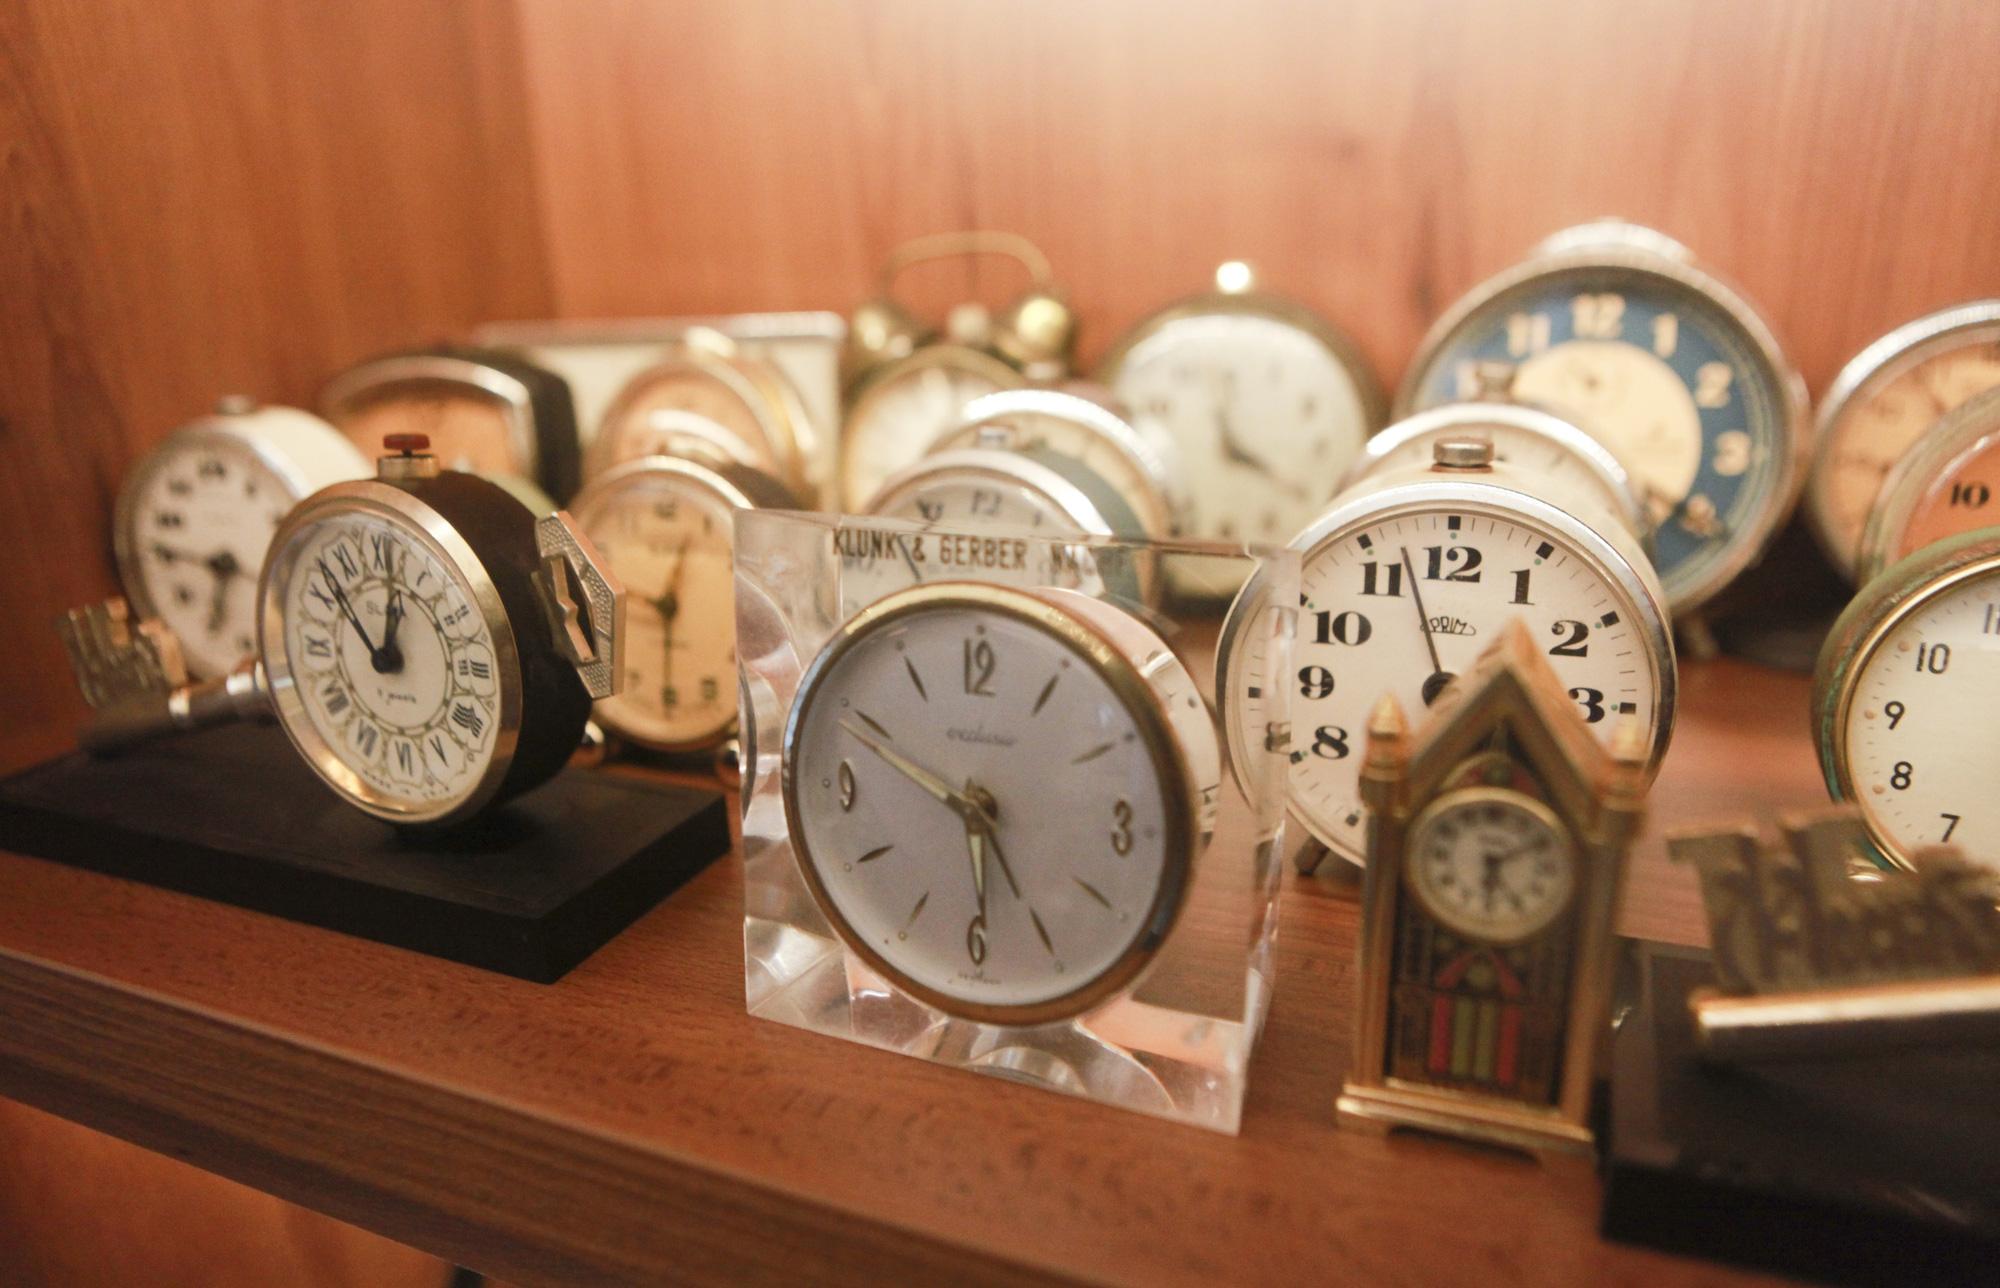 """Ông lão Hà thành và bộ sưu tập đồng hồ """"cực khủng"""", đặc biệt có chiếc có khả năng dự báo... """"bão"""" - Ảnh 5."""